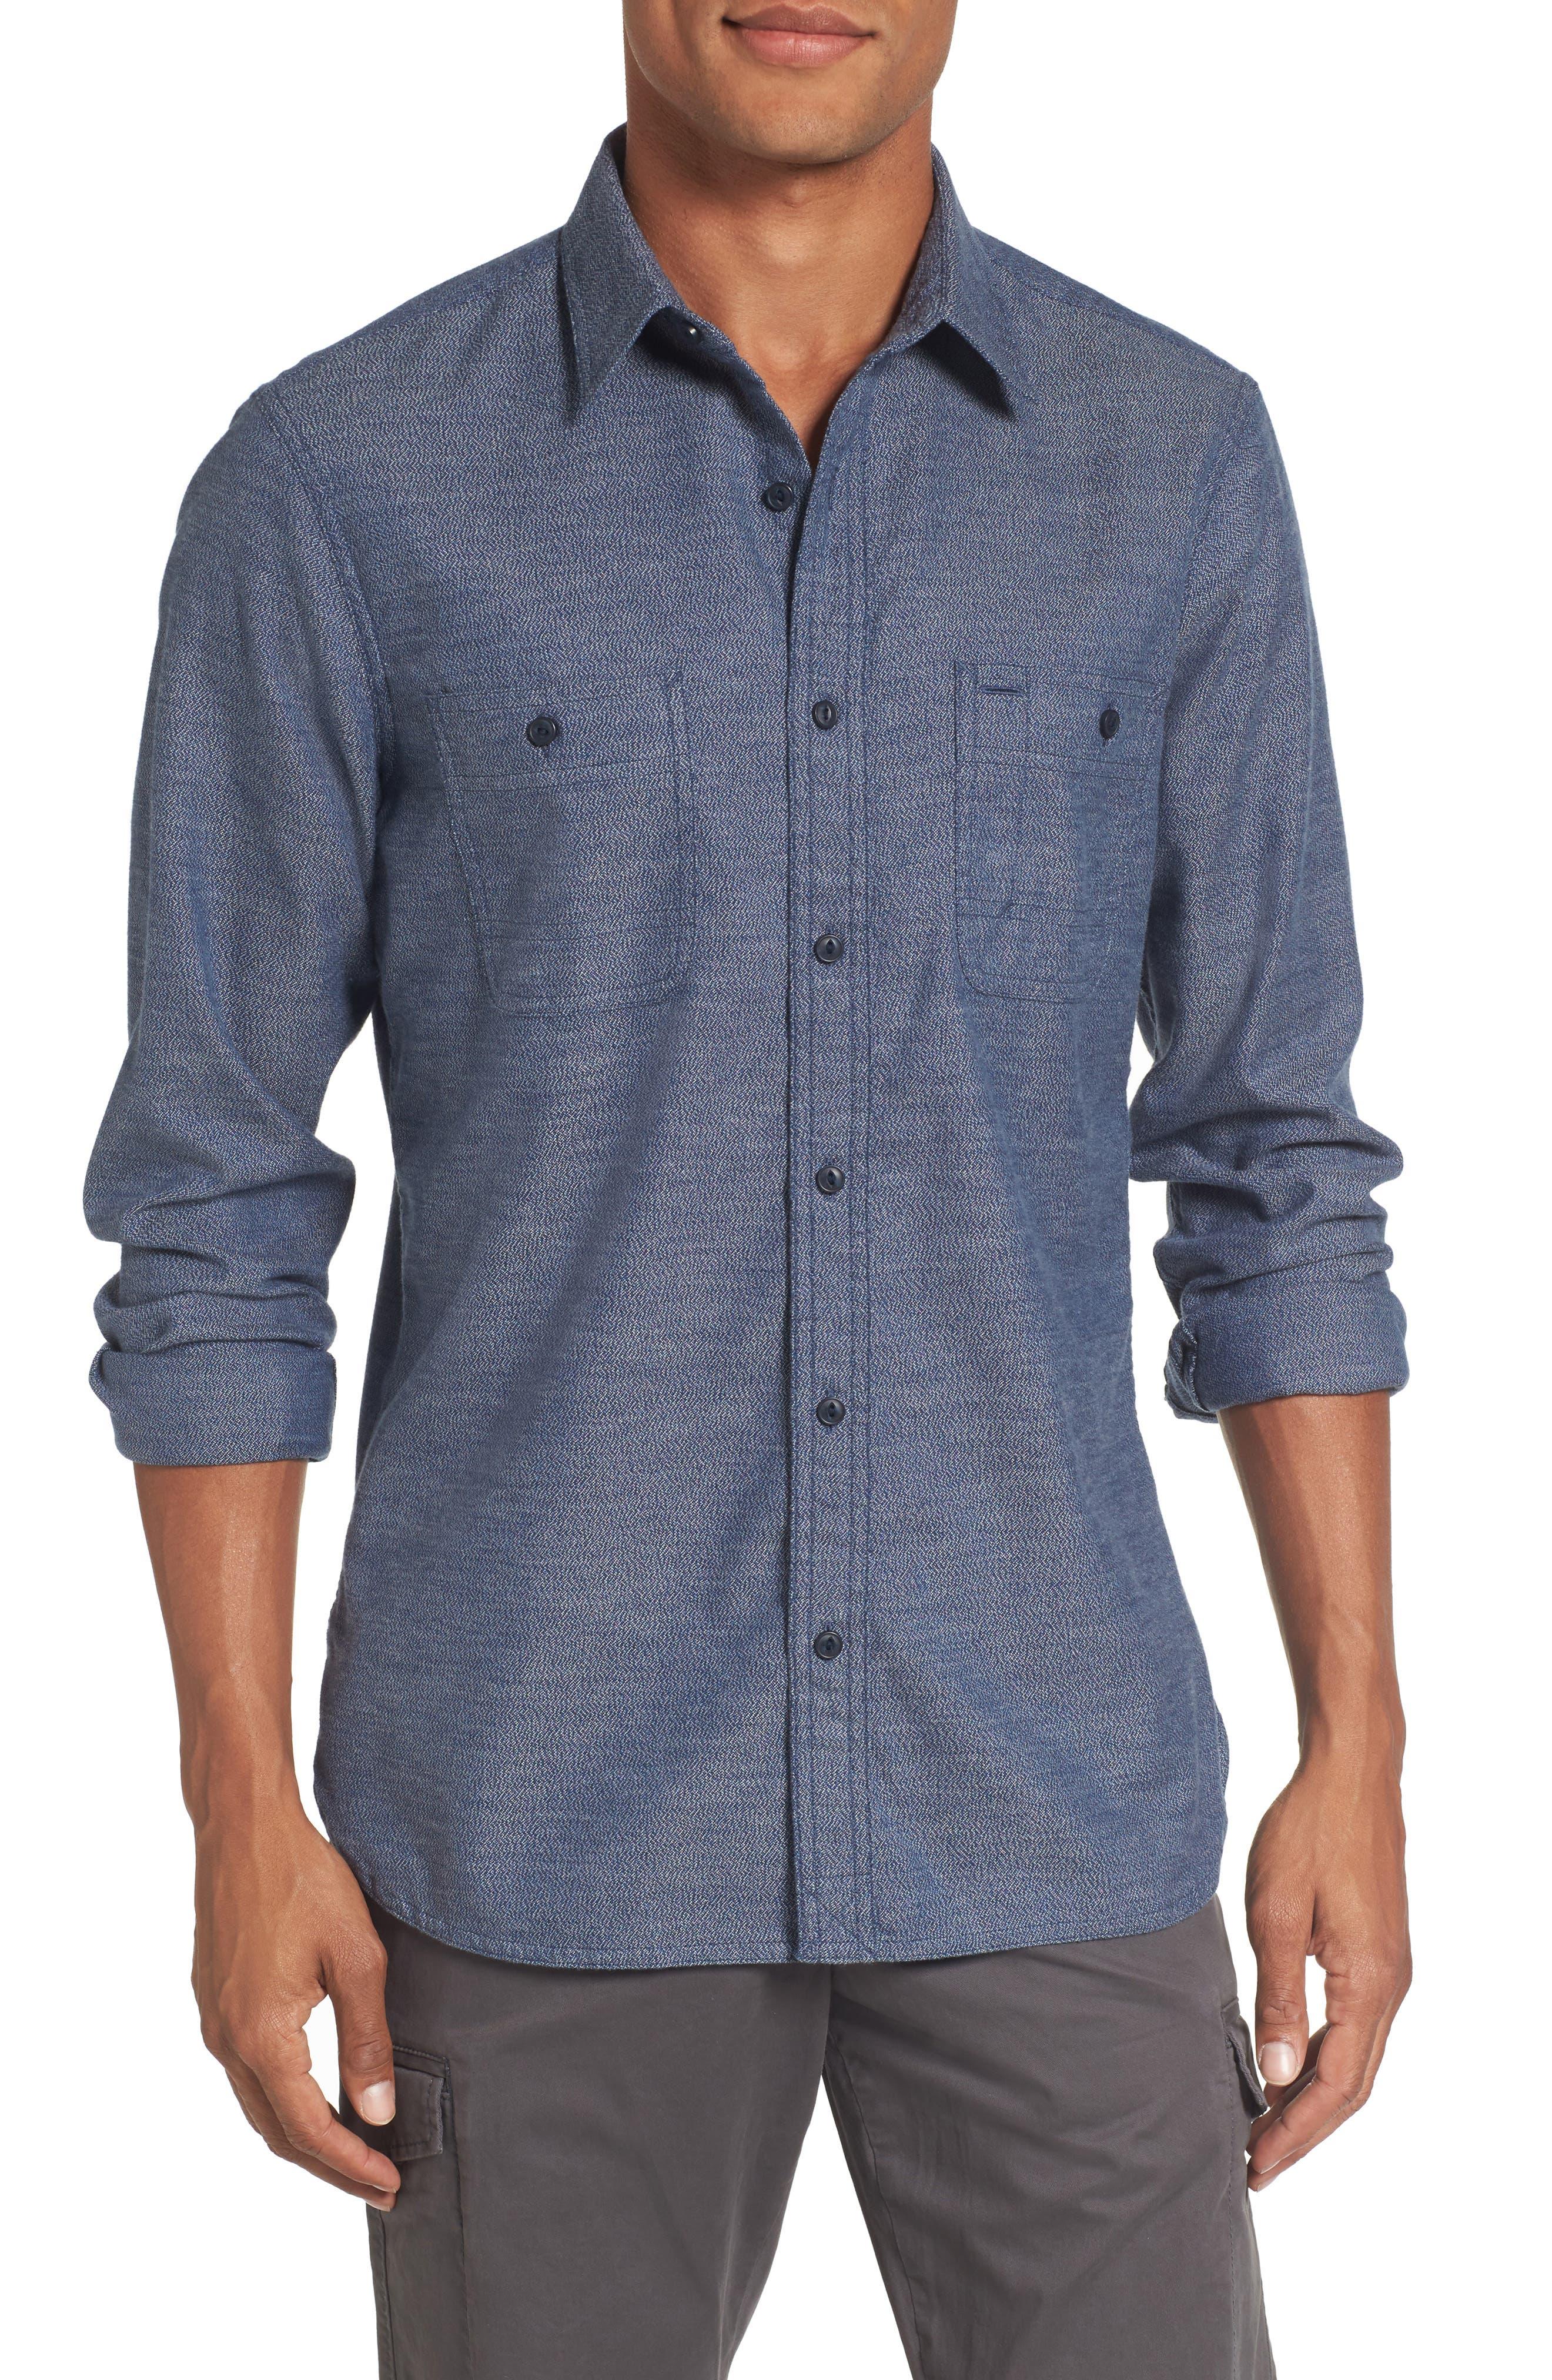 Alternate Image 1 Selected - Nordstrom Men's Shop Slim Fit Jaspé Sport Shirt (Regular & Tall)